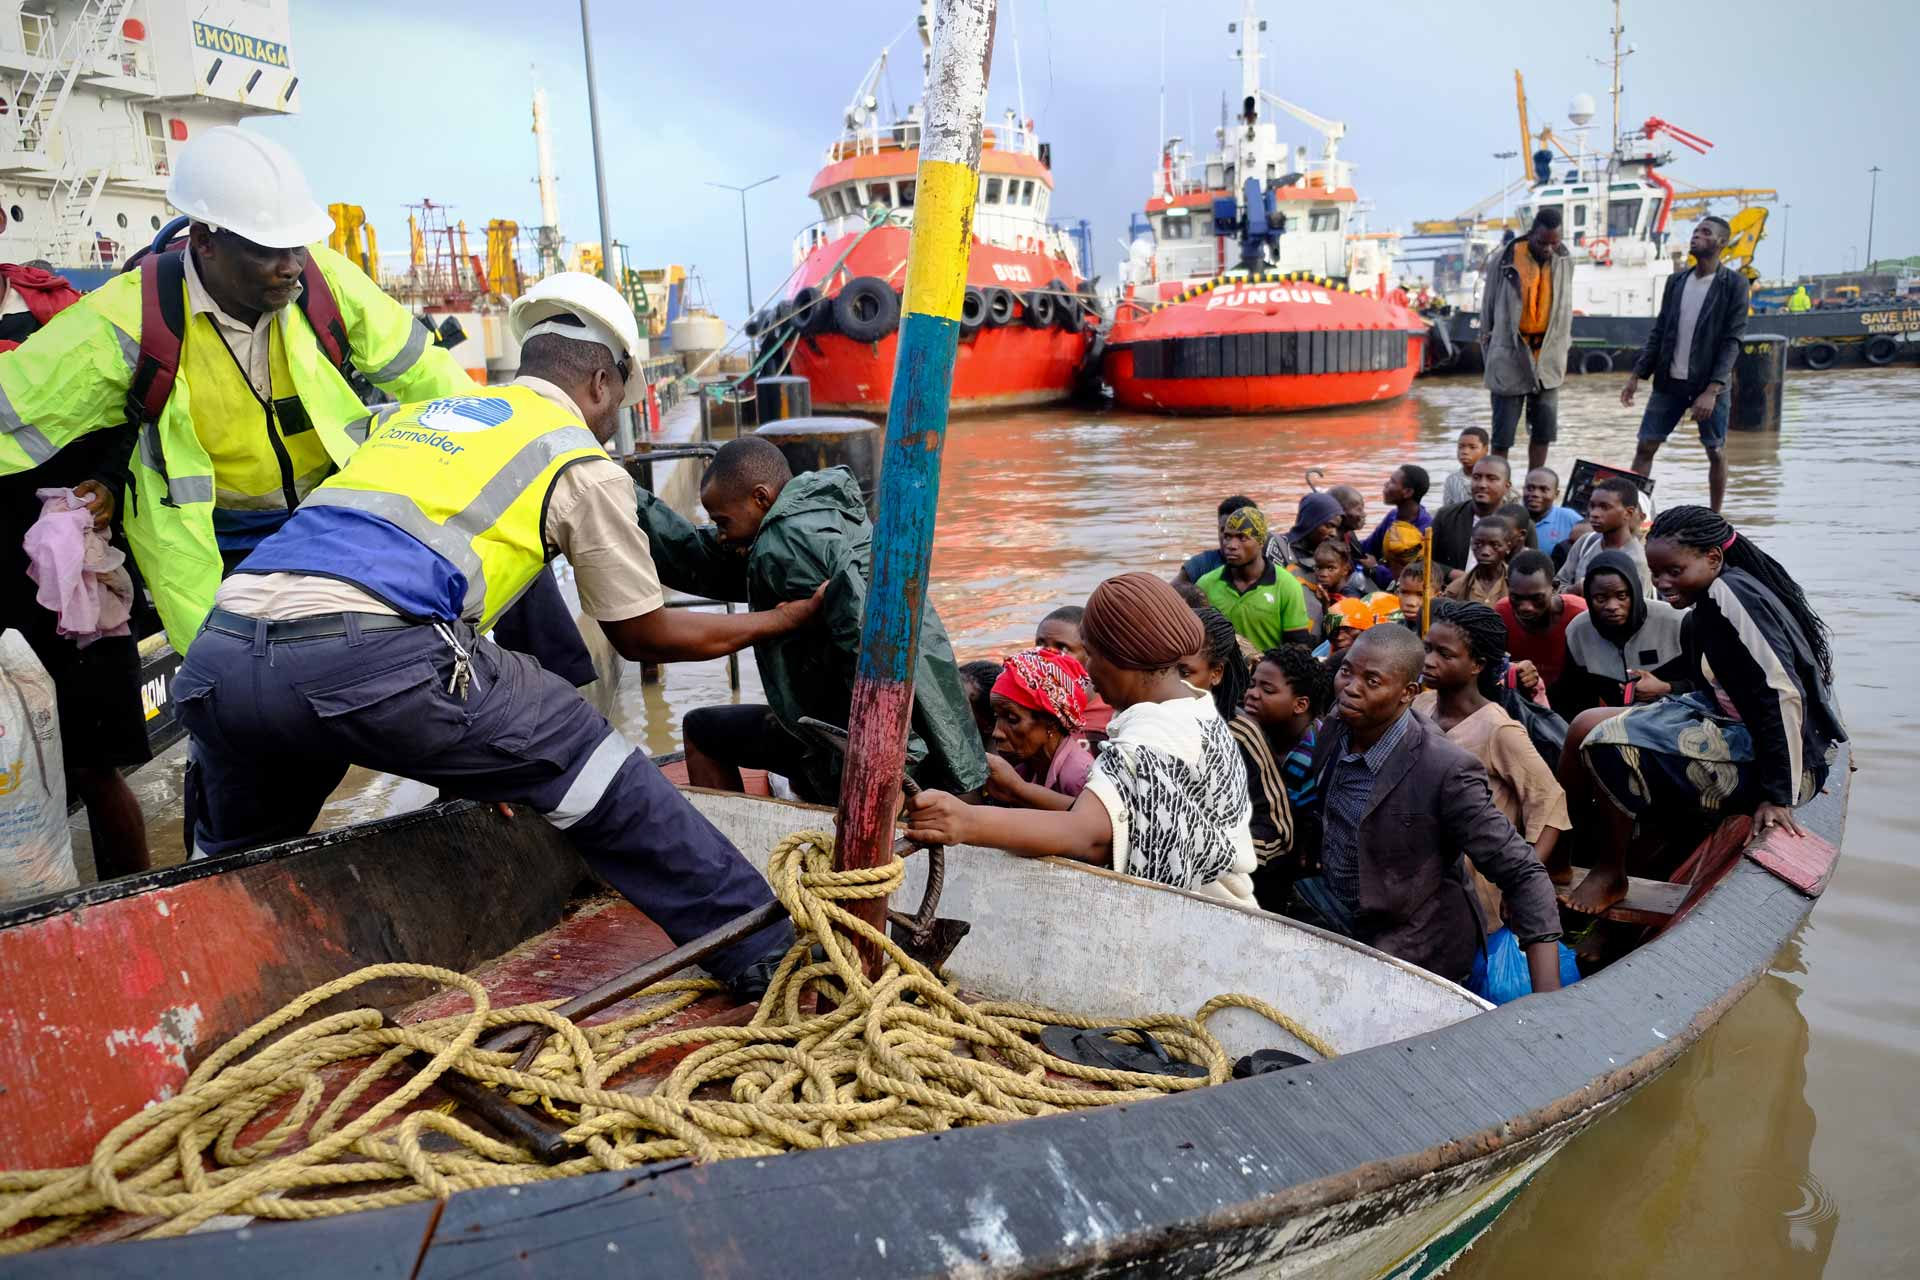 Hilfe auf dem Wasserweg für die Sturmopfer im südlichen Afrika. Die Landeskirche unterstützt sie über einen Beitrag an die Caritas. | © 2019  Joost Bastmeijer/Caritas